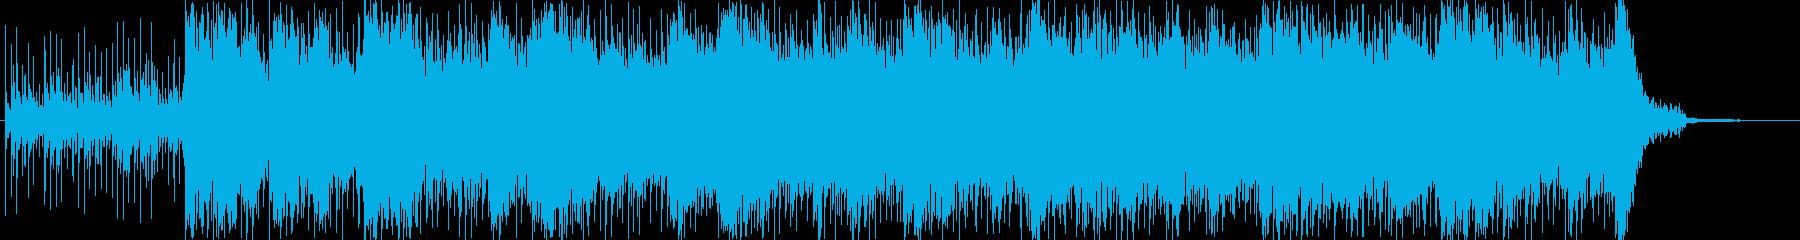 電気楽器。ロボット機械産業産業暗い危険の再生済みの波形